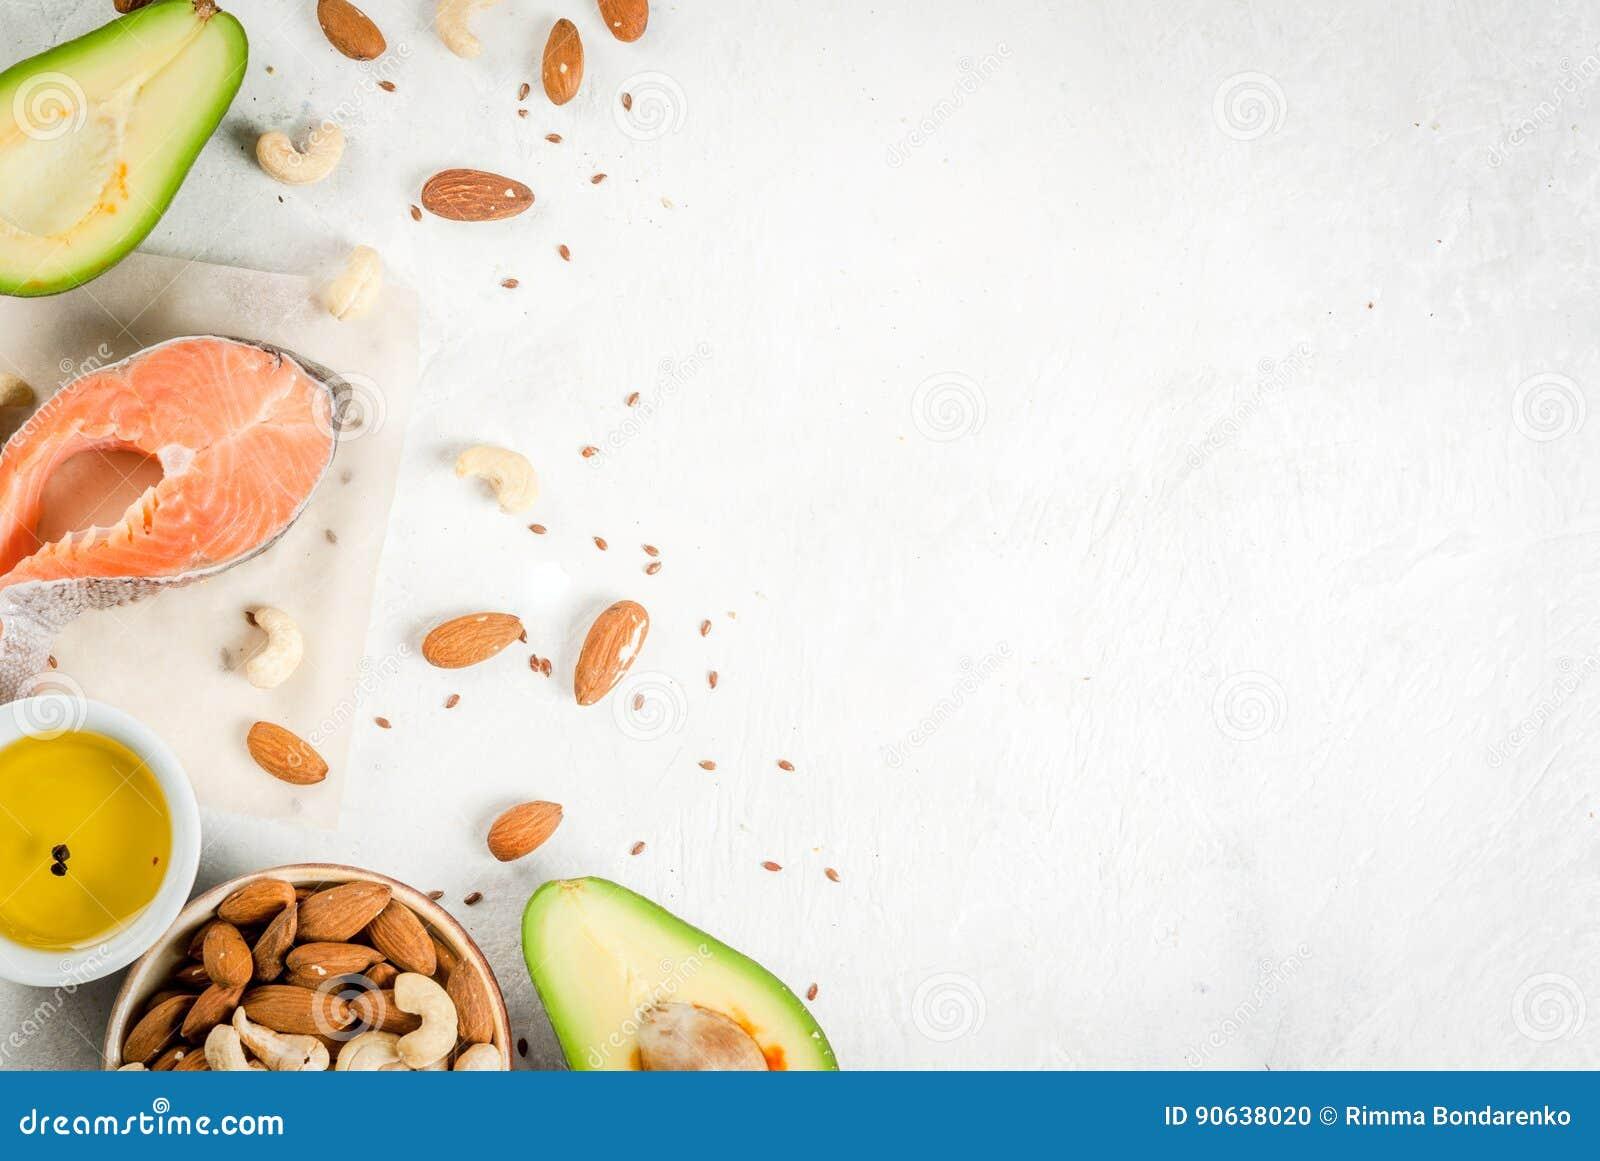 gezonde vetten producten